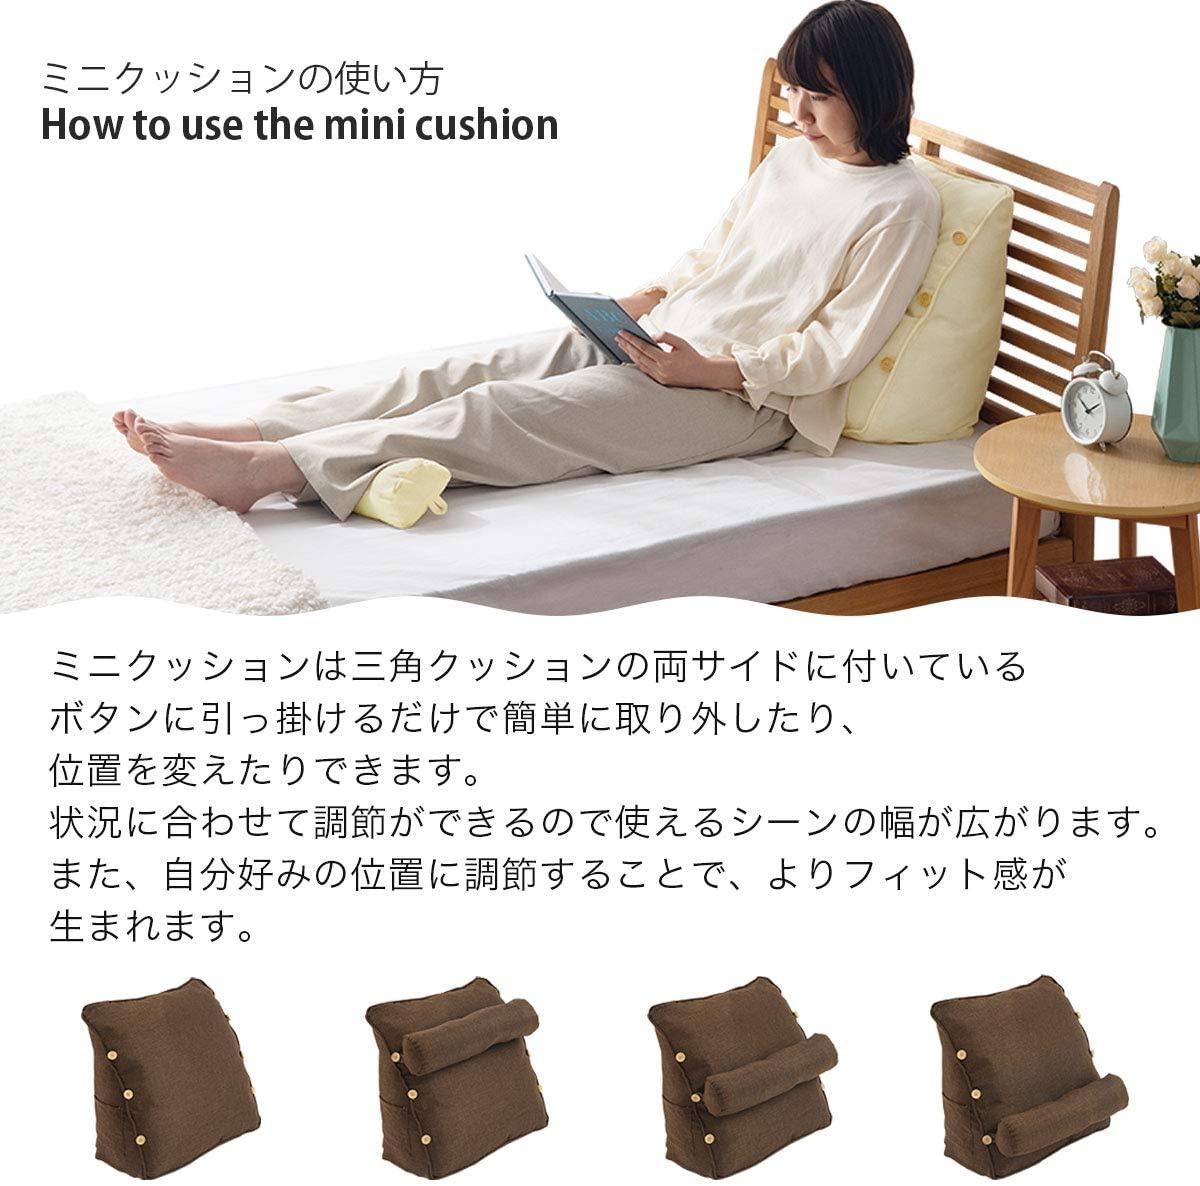 ぼん家具 三角クッションの商品画像4